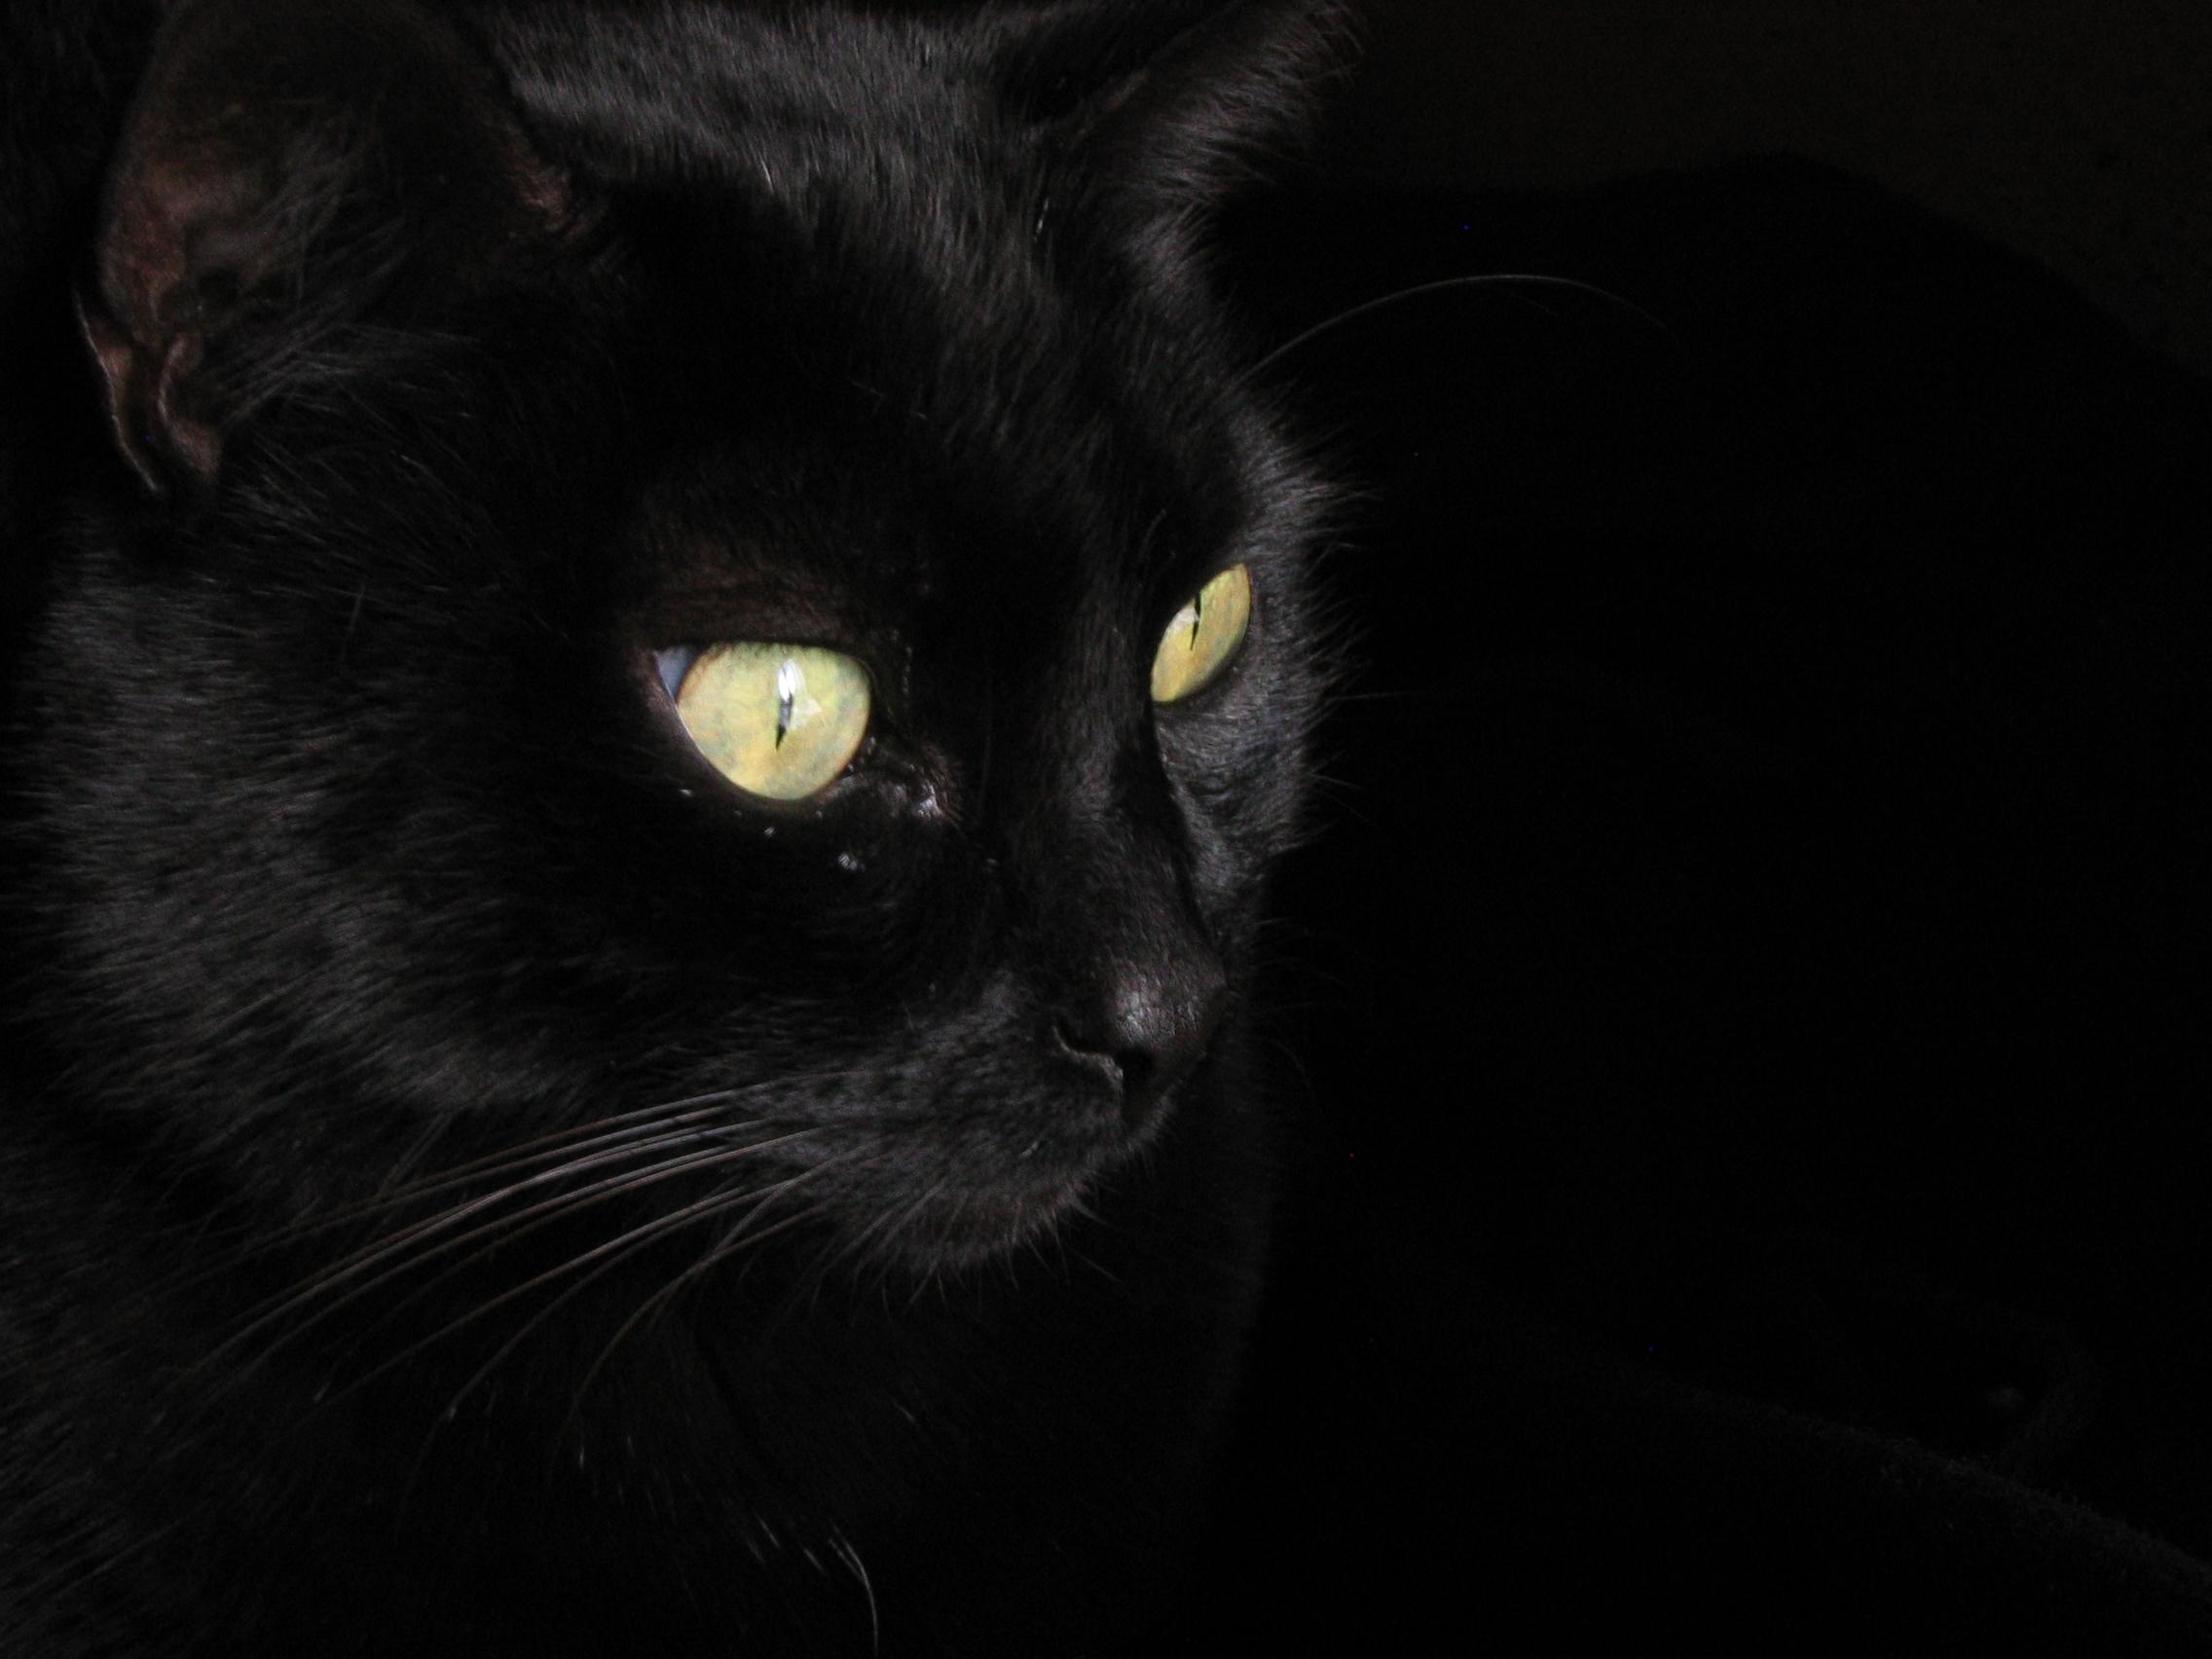 Cat E Eyes En Vrai